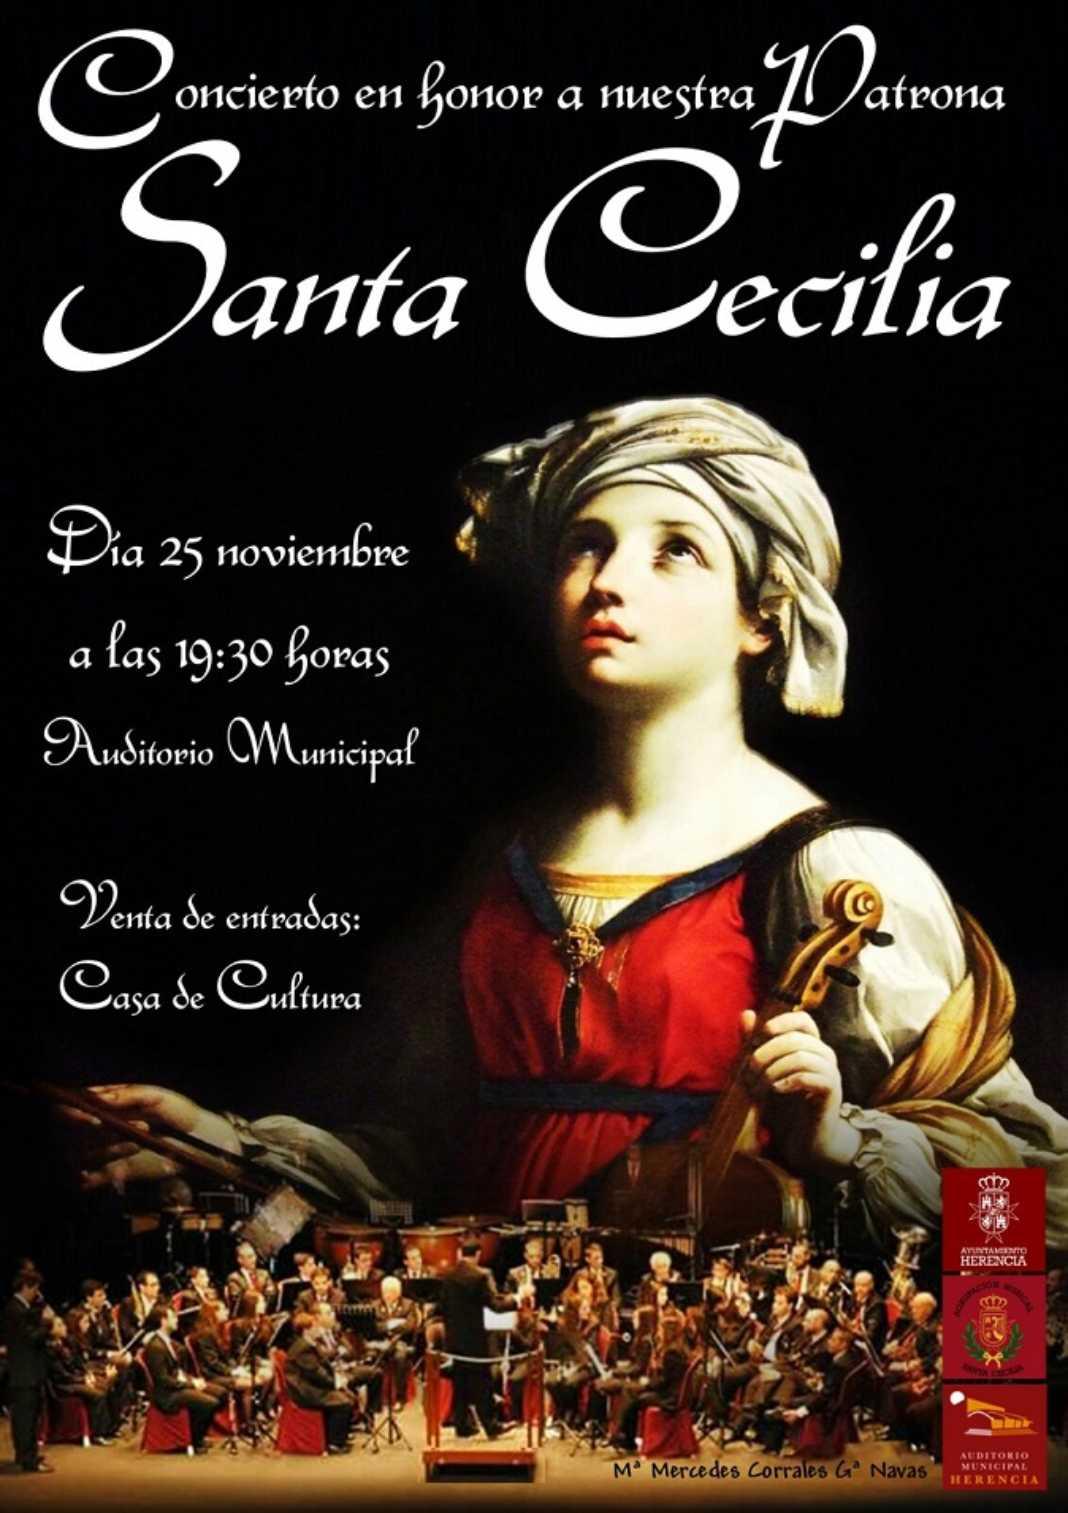 Cartel Sta Cecilia 2017 1068x1513 - Actos de la Banda de Música en homenaje a Santa Cecilia